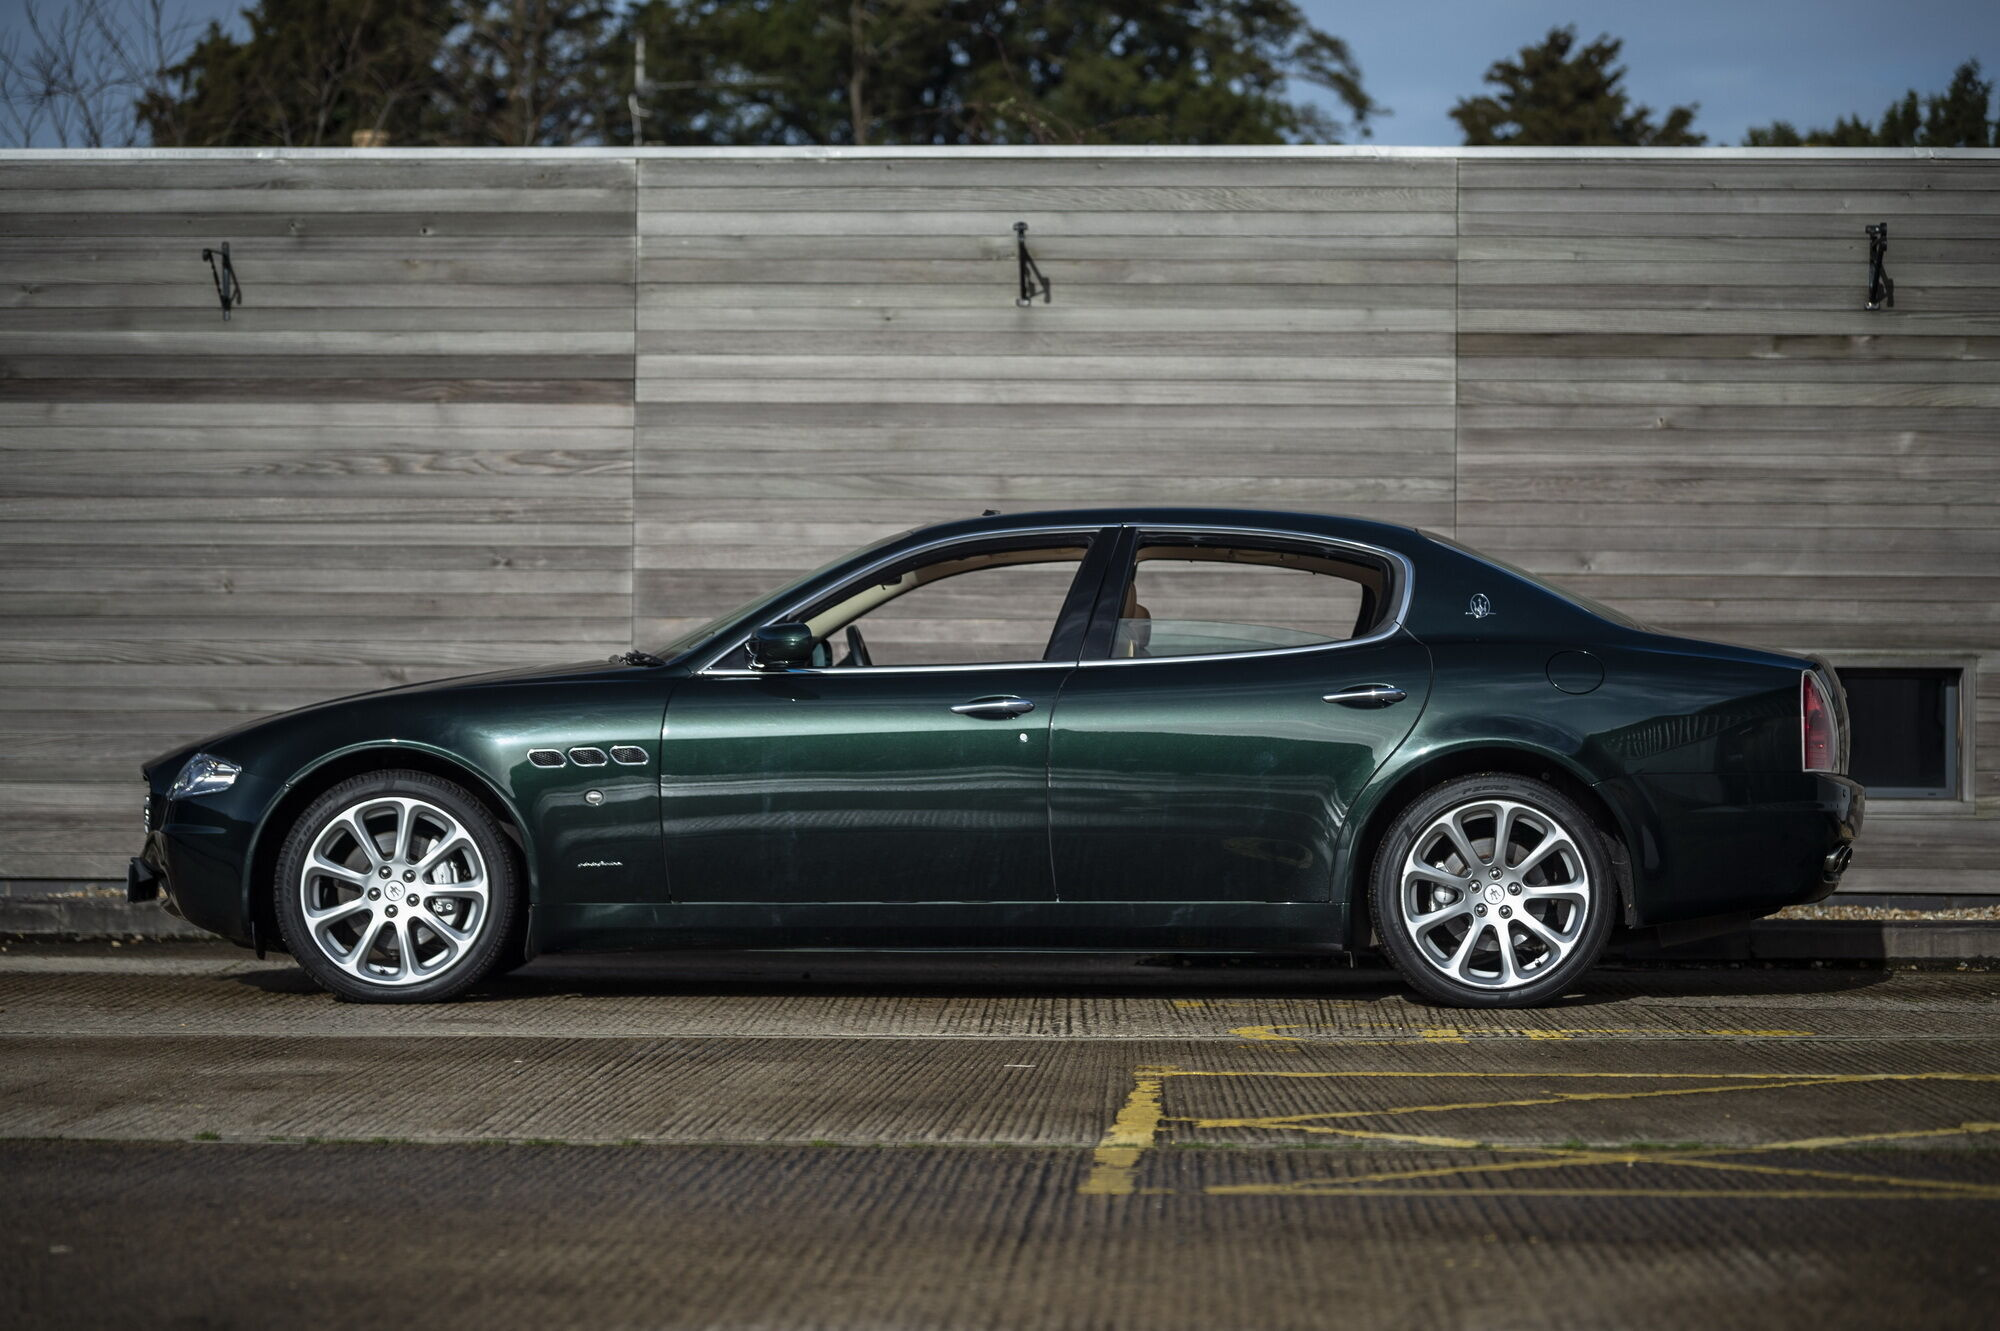 """Потужний V8 дозволяє розігнати седан до першої """"сотні"""" за 5,2 секунди, а максимальна швидкість досягає 275 км/год"""